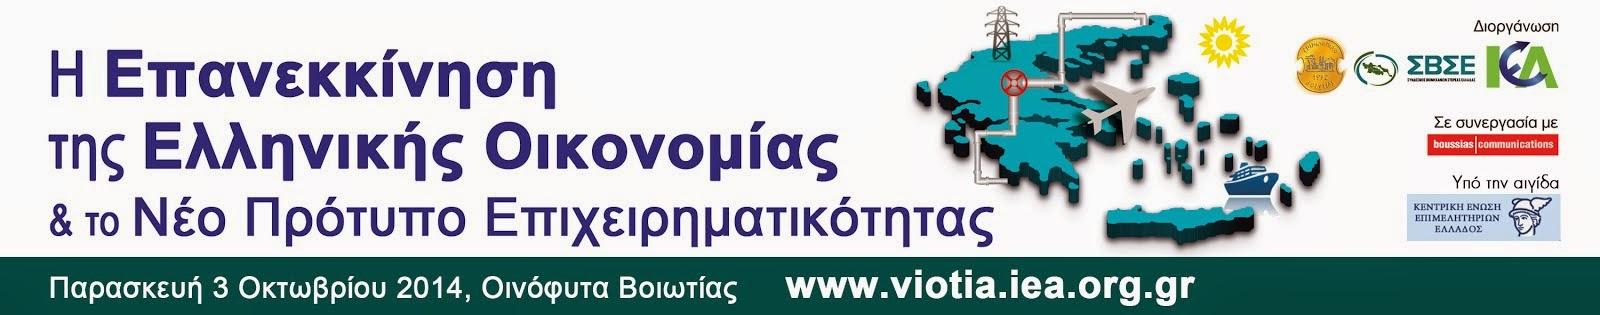 Επανεκκίνηση Ελληνικής Οικονομίας & Νέο Πρότυπο Επιχειρηματικότητας